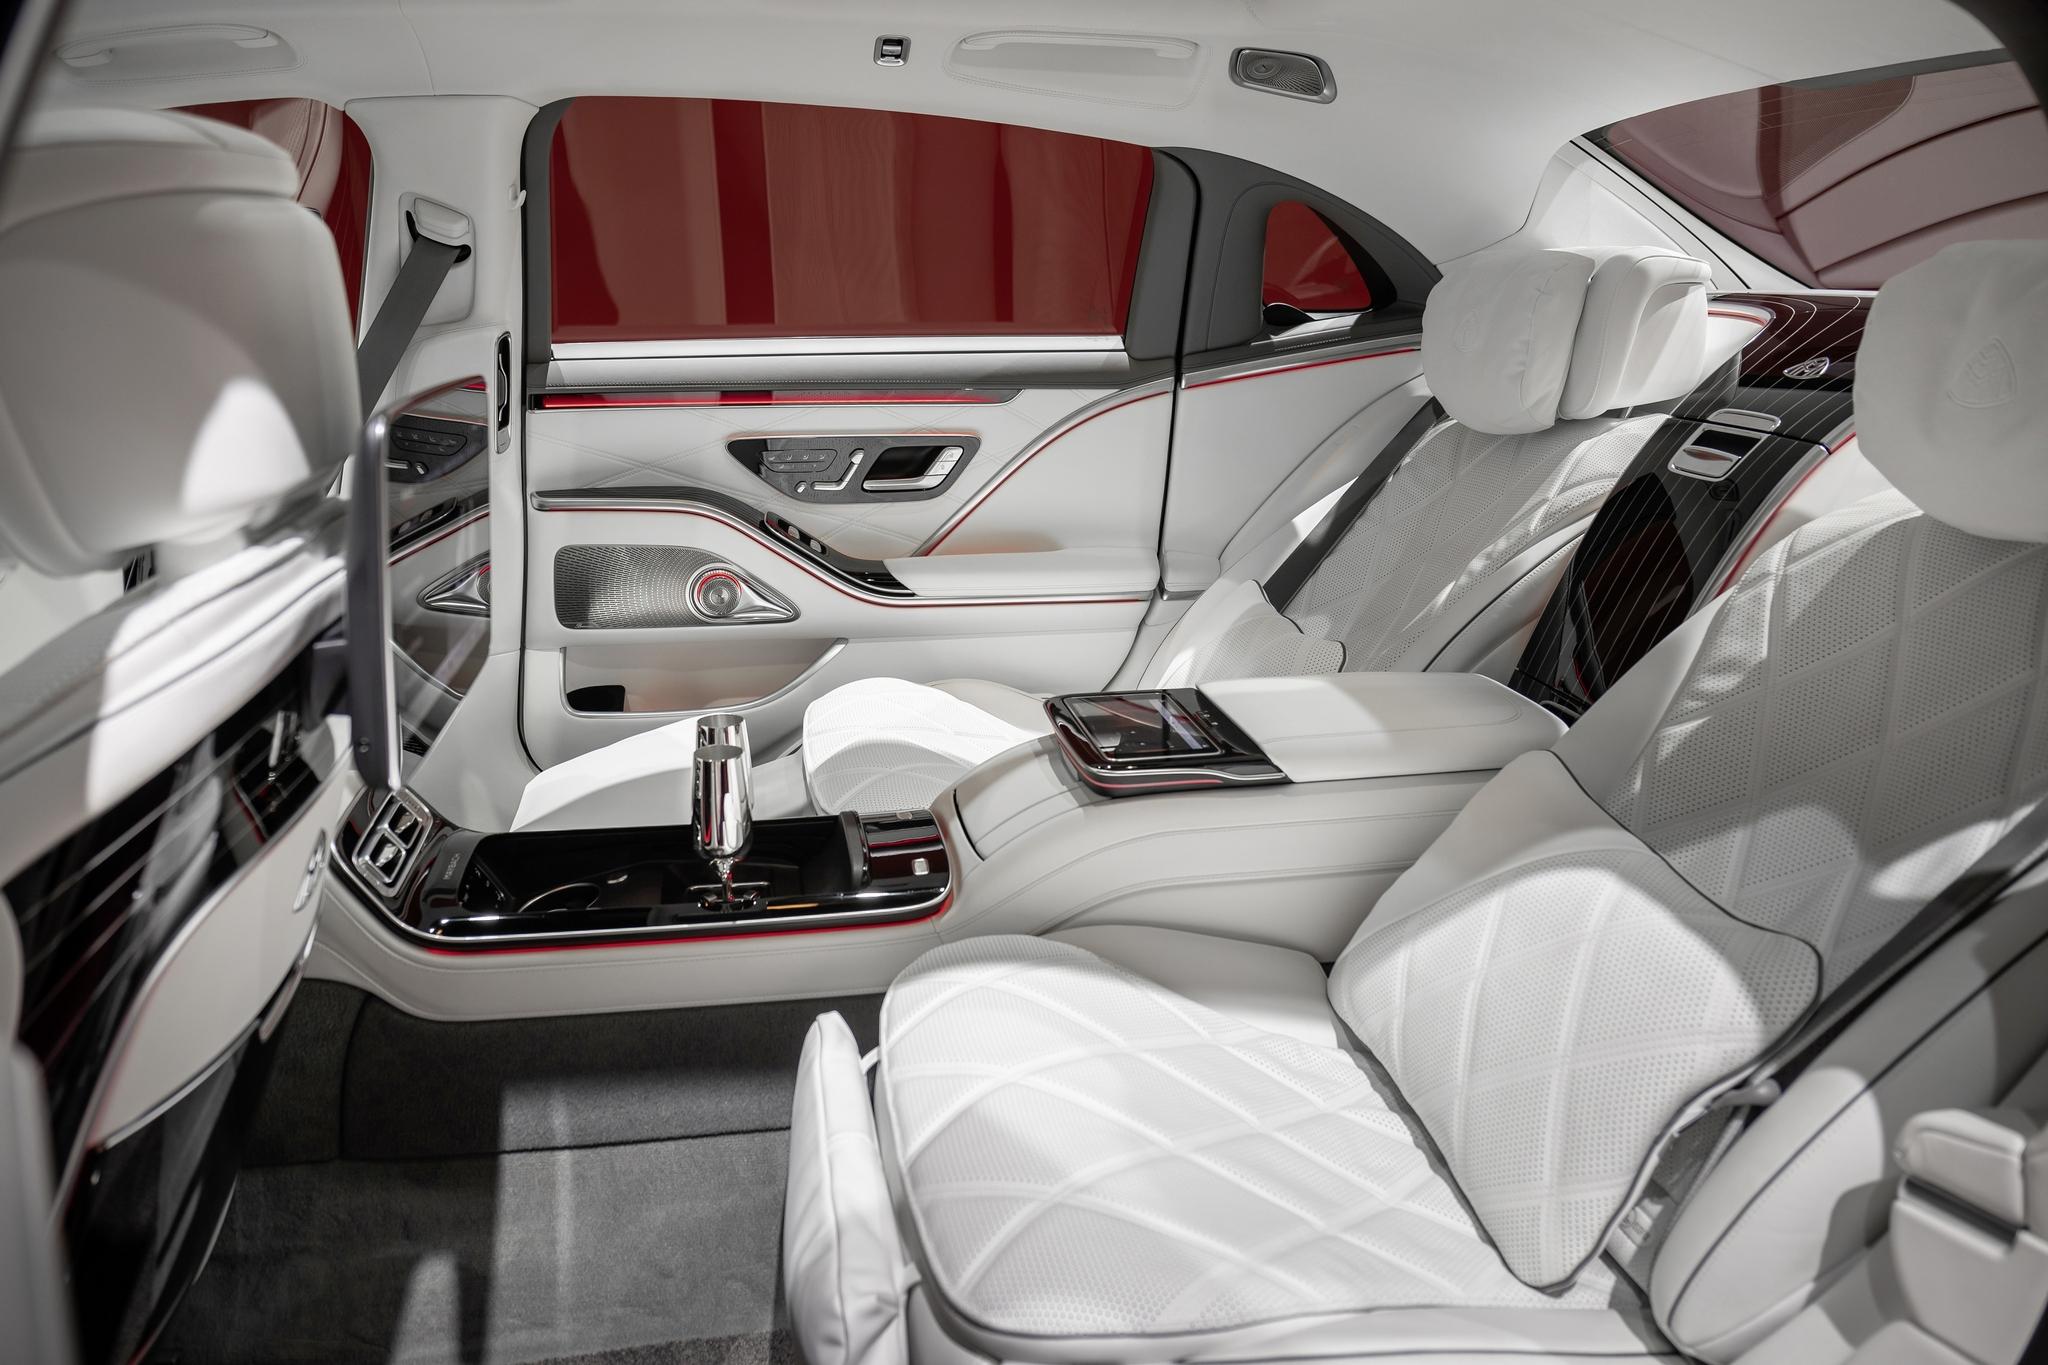 Neue Mercedes-Maybach S-Klasse startet in den USA bei 184.900 Dollar